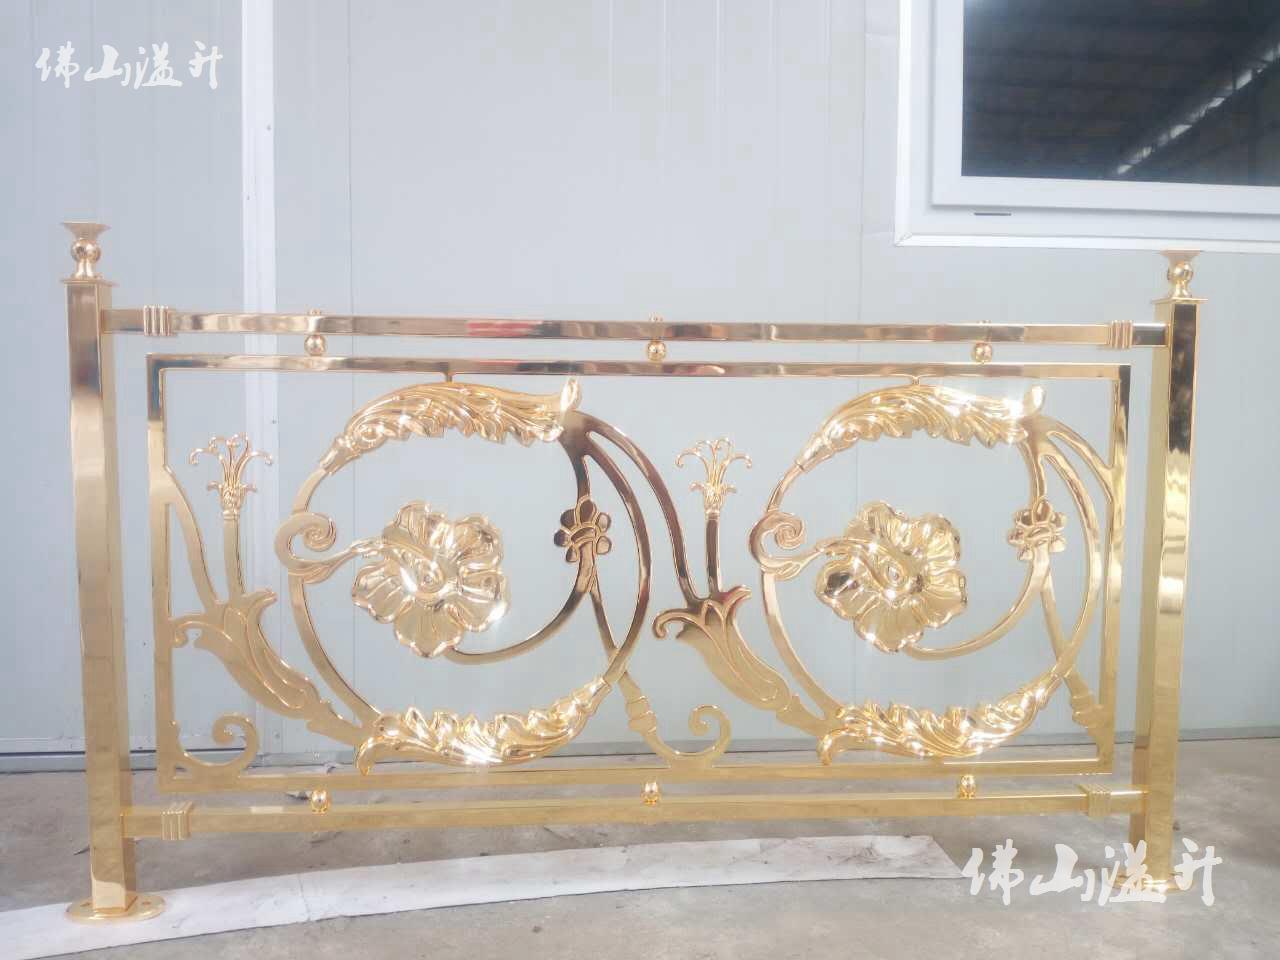 和龙市铝板楼梯规格